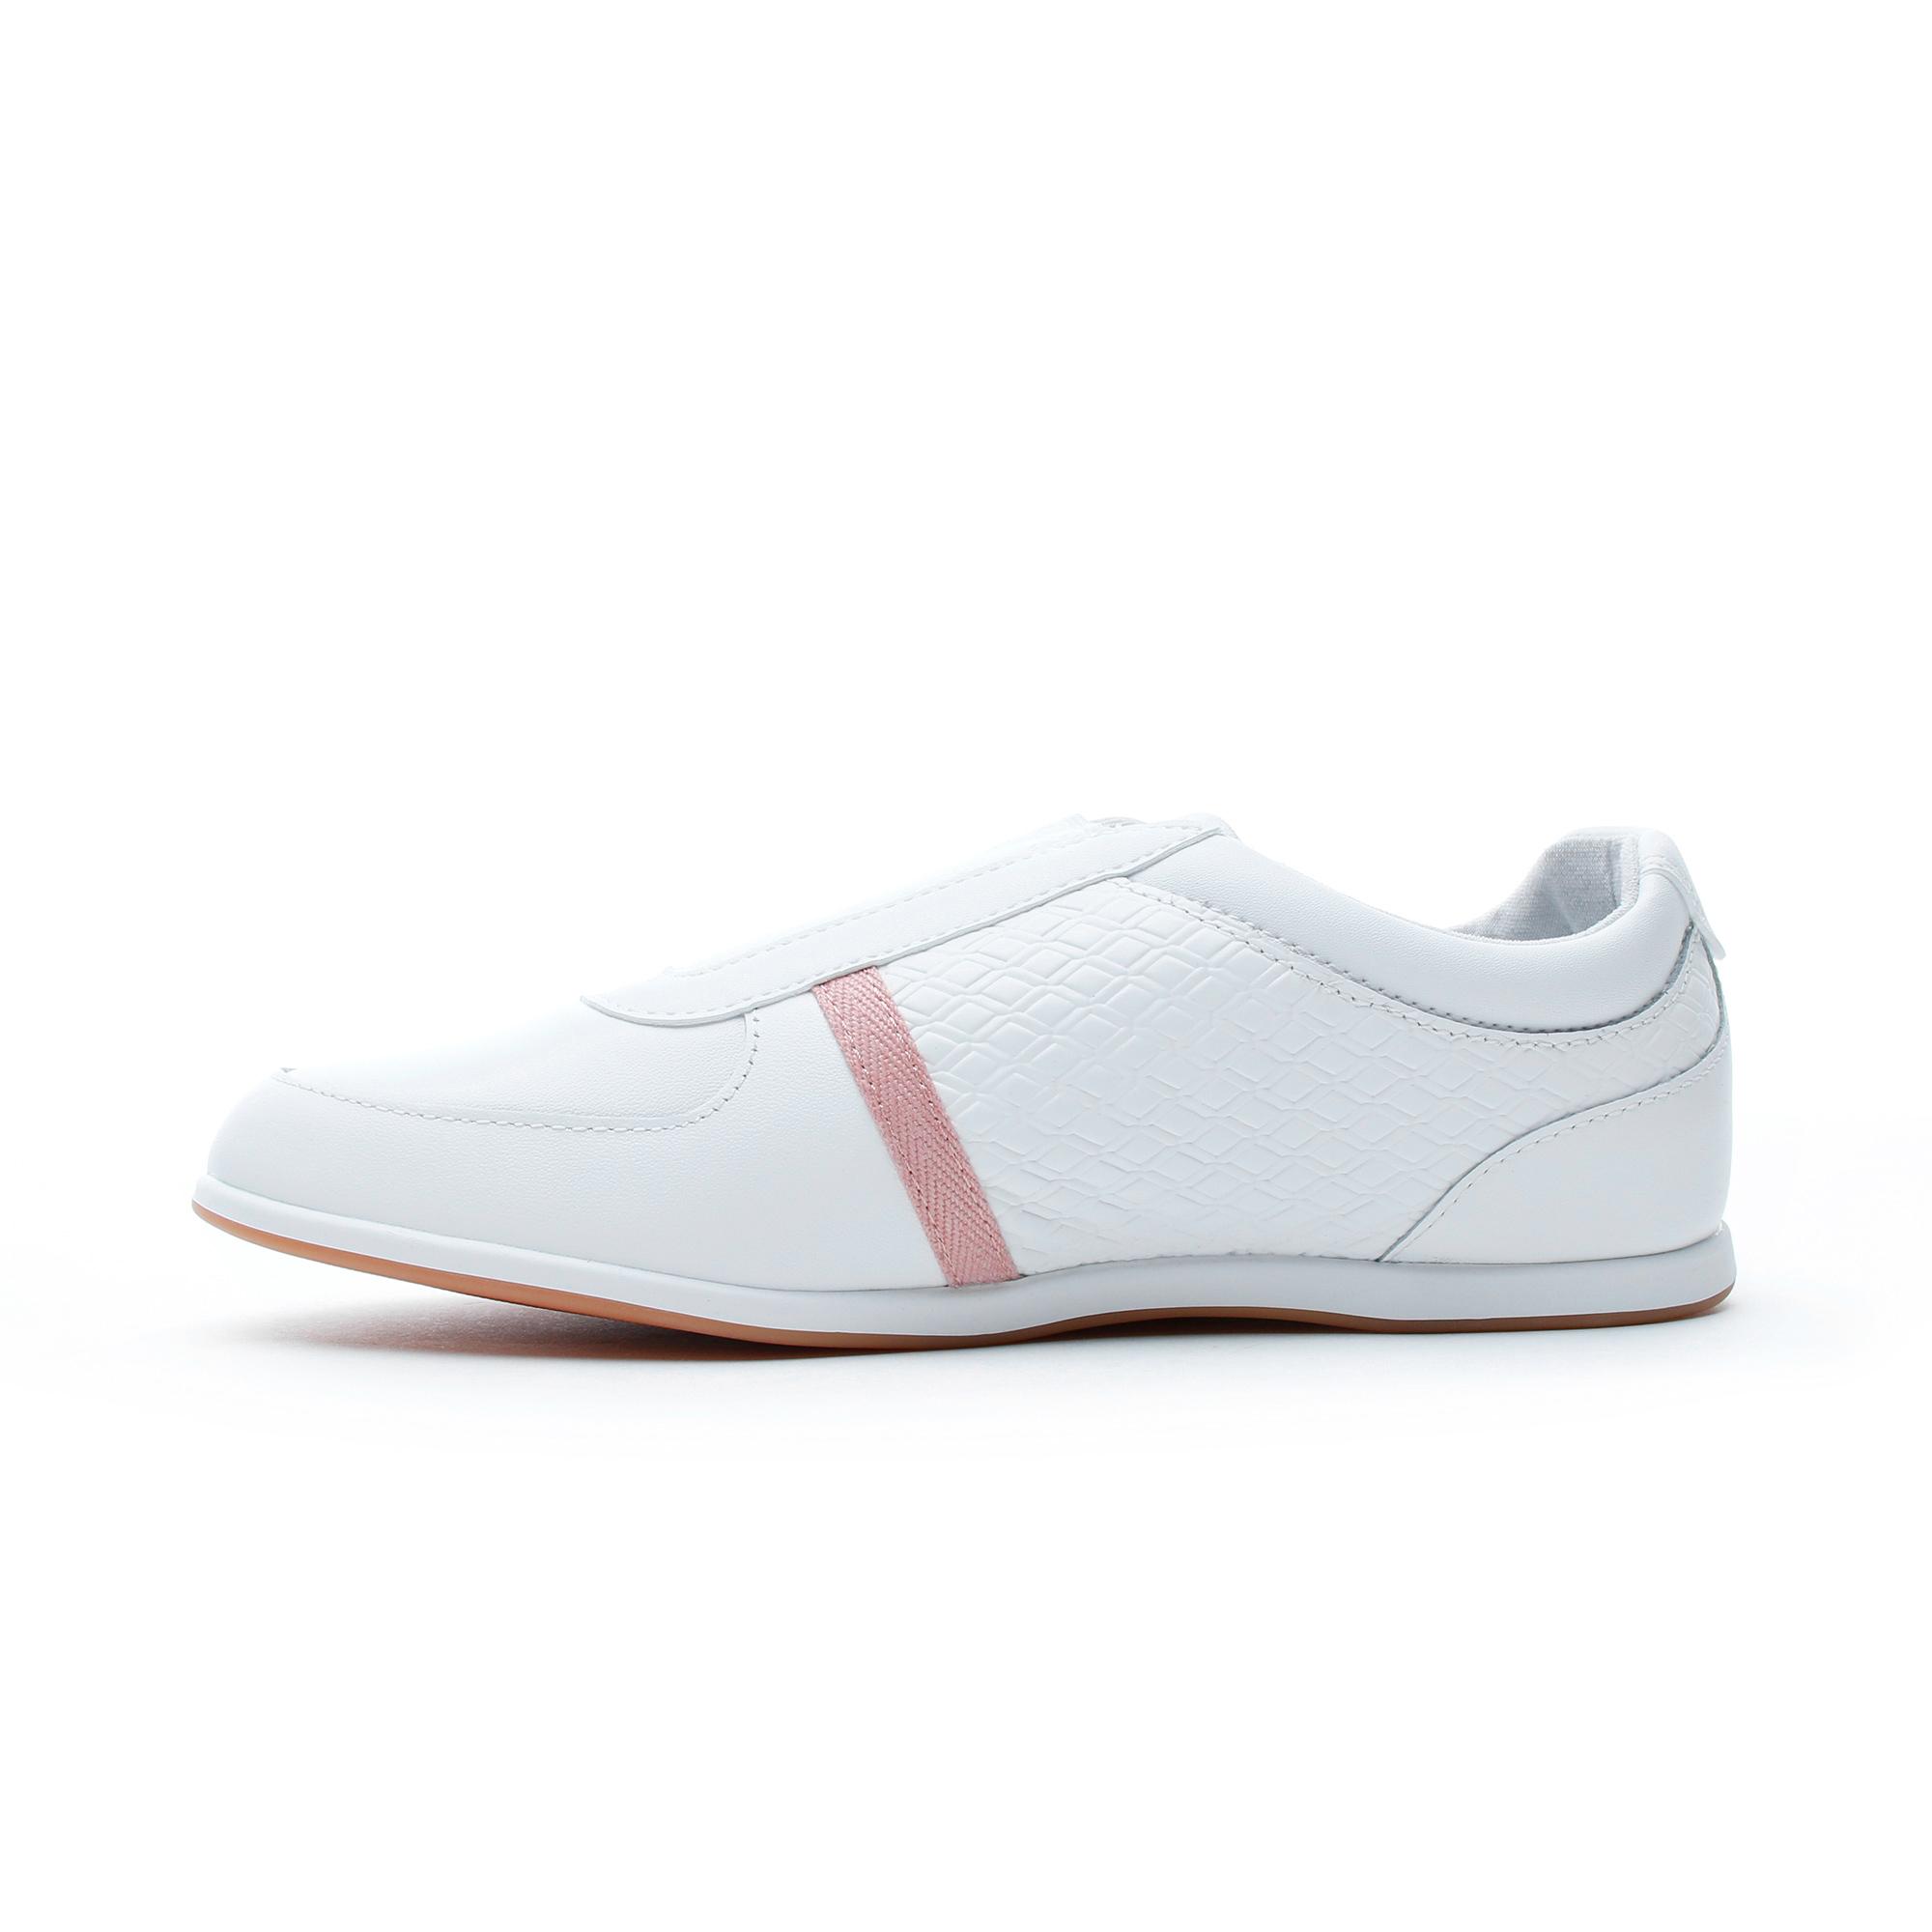 Lacoste Kadın Rey Slip 318 1 Beyaz-Pembe Günlük Ayakkabı